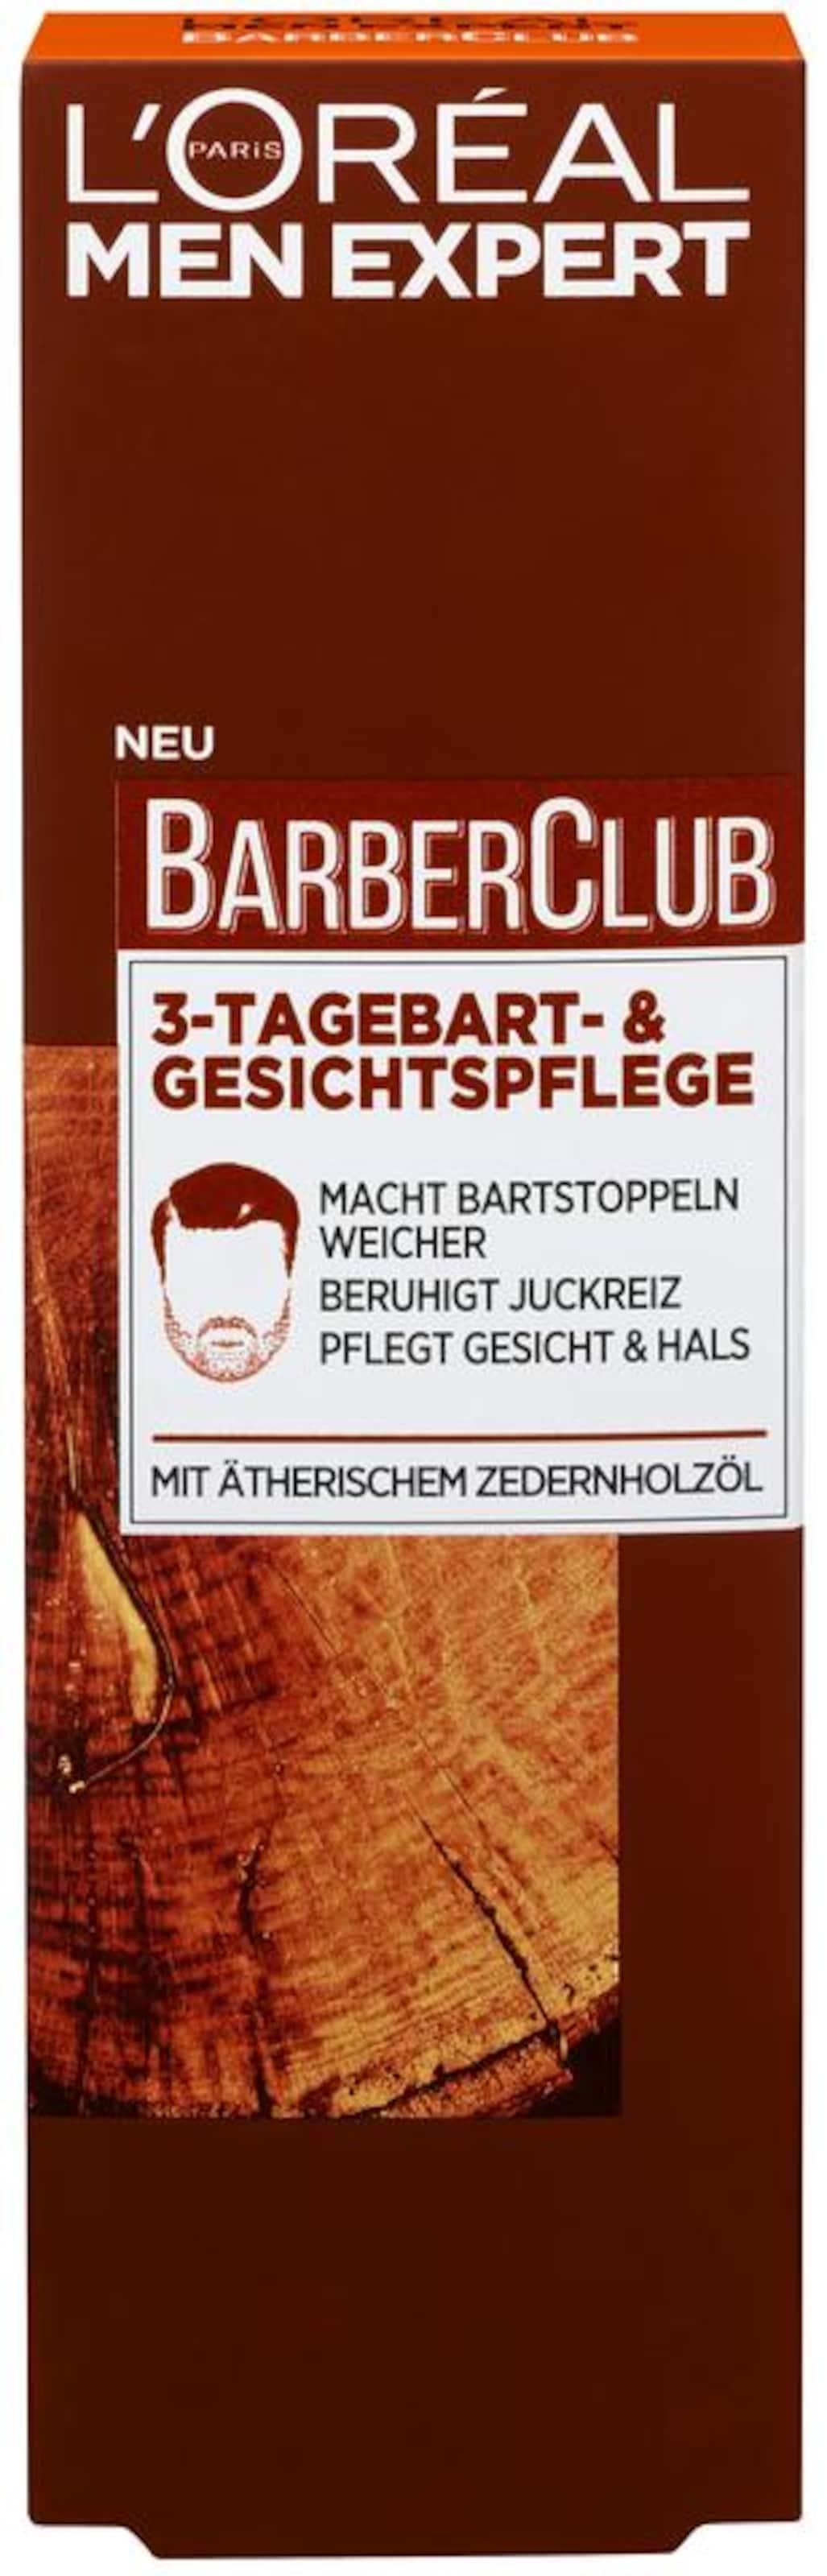 Men L'oréal Paris 'barber tagebartUnd Expert 3 In Braun Club Gesichtspflege'Bartpflege BdxorCe